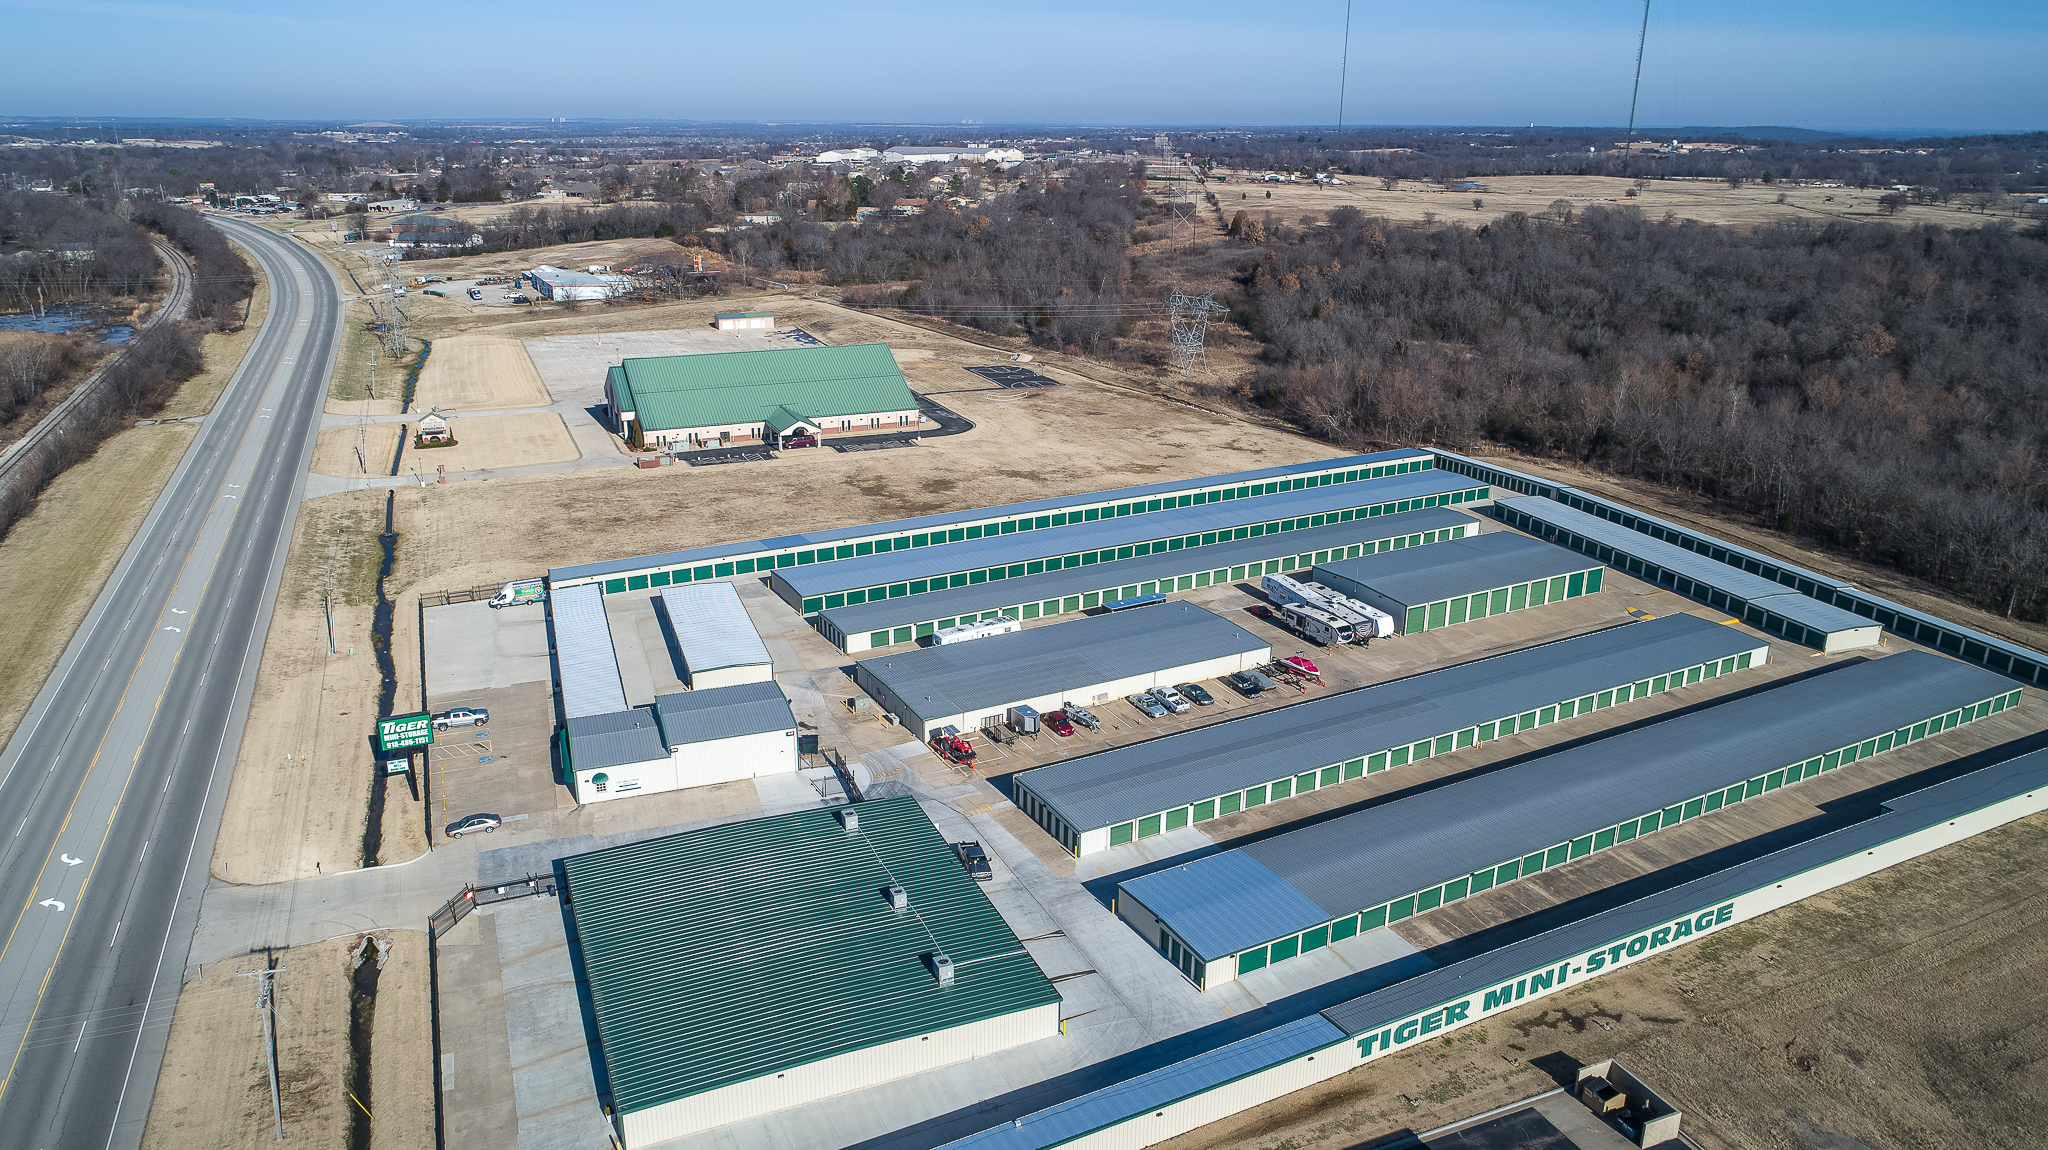 Aeriel view of Tiger Mini Storage facility